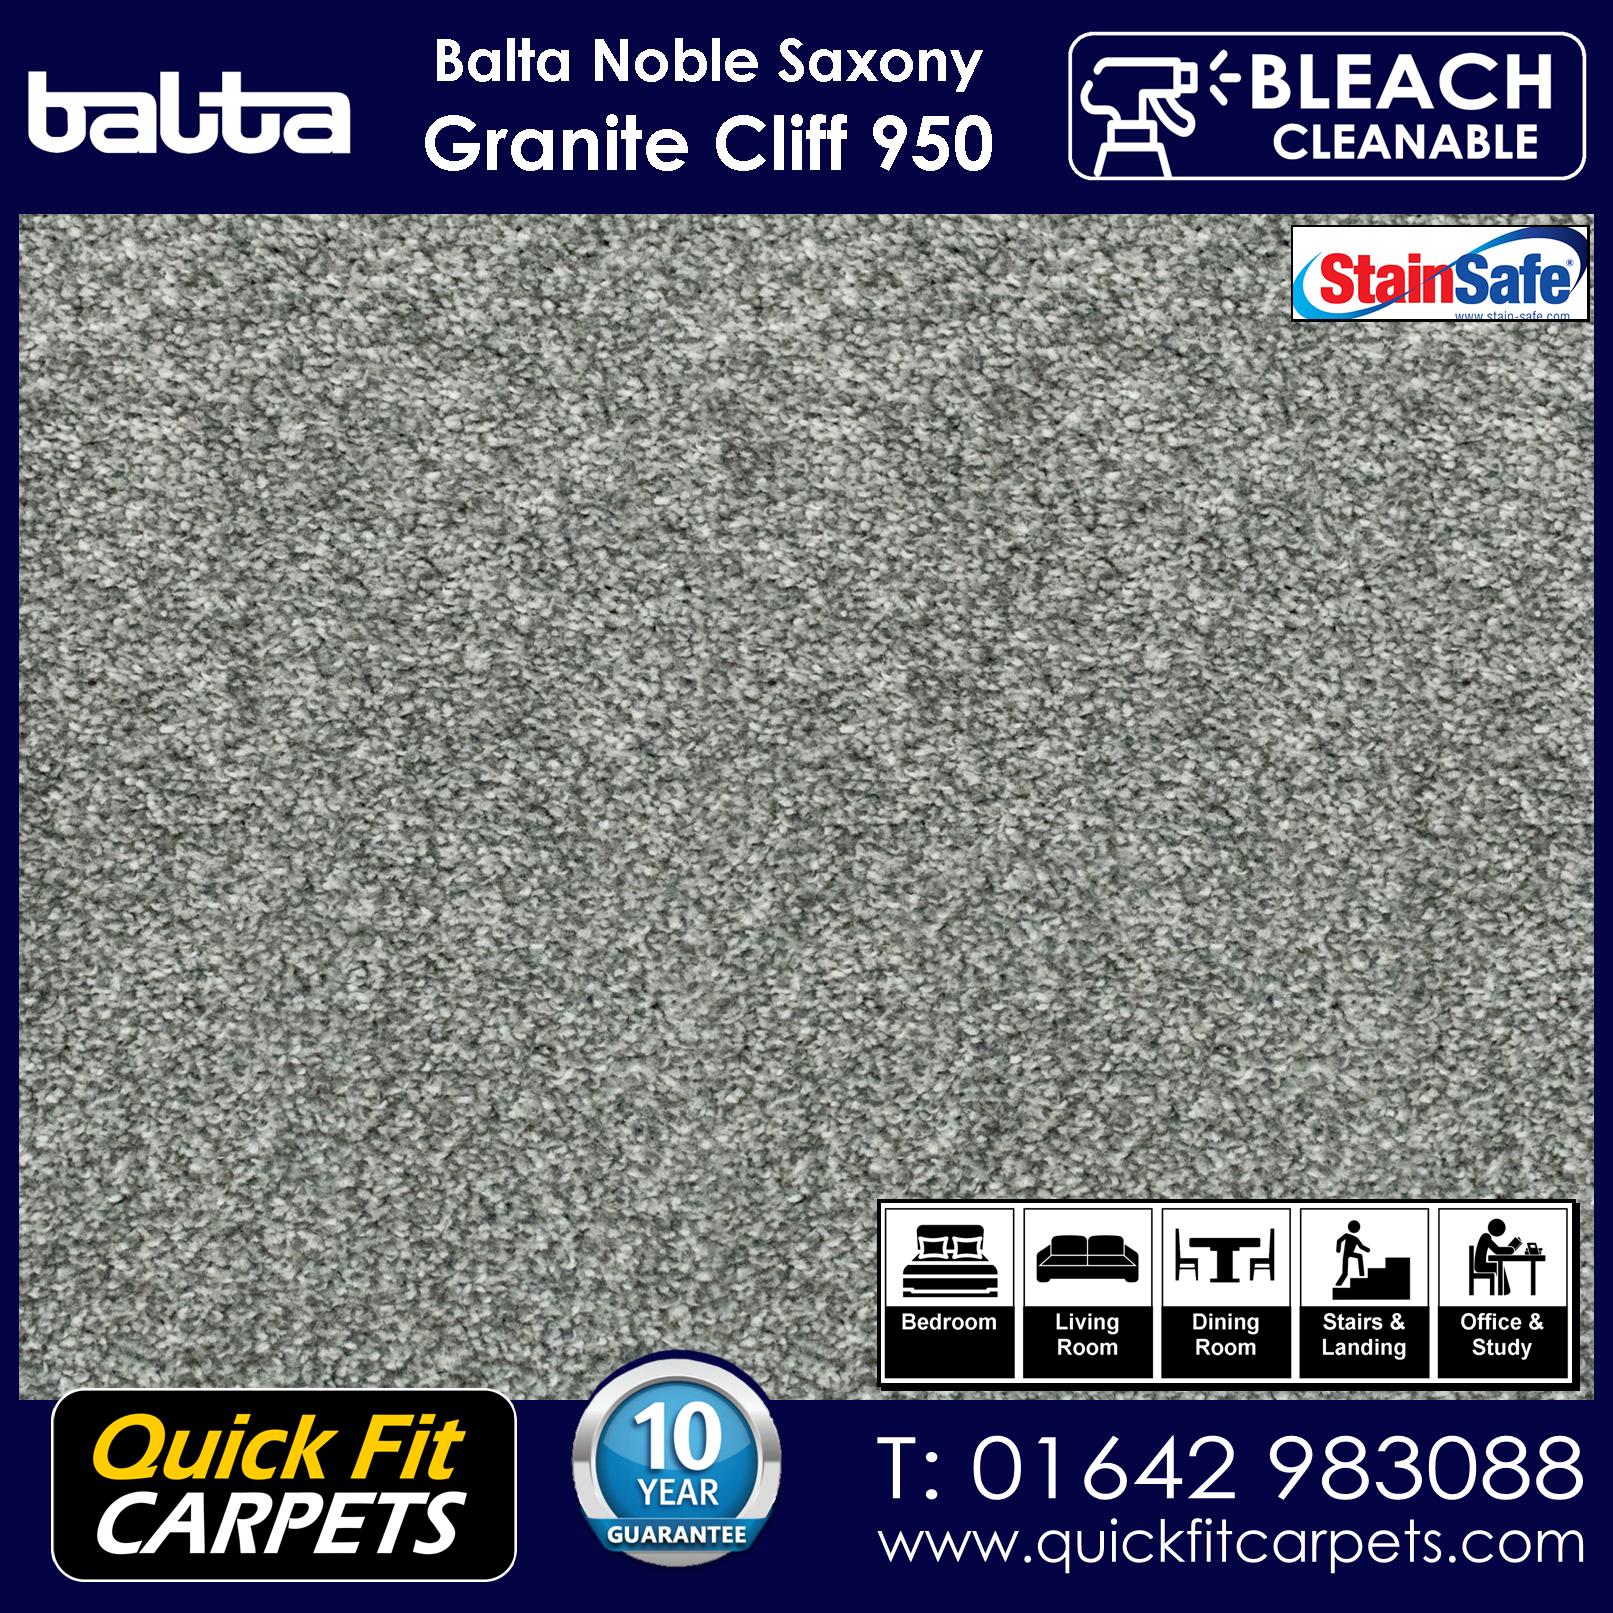 QQuick Fit Carpets Balta Luxury Pile Granite Cliff 950